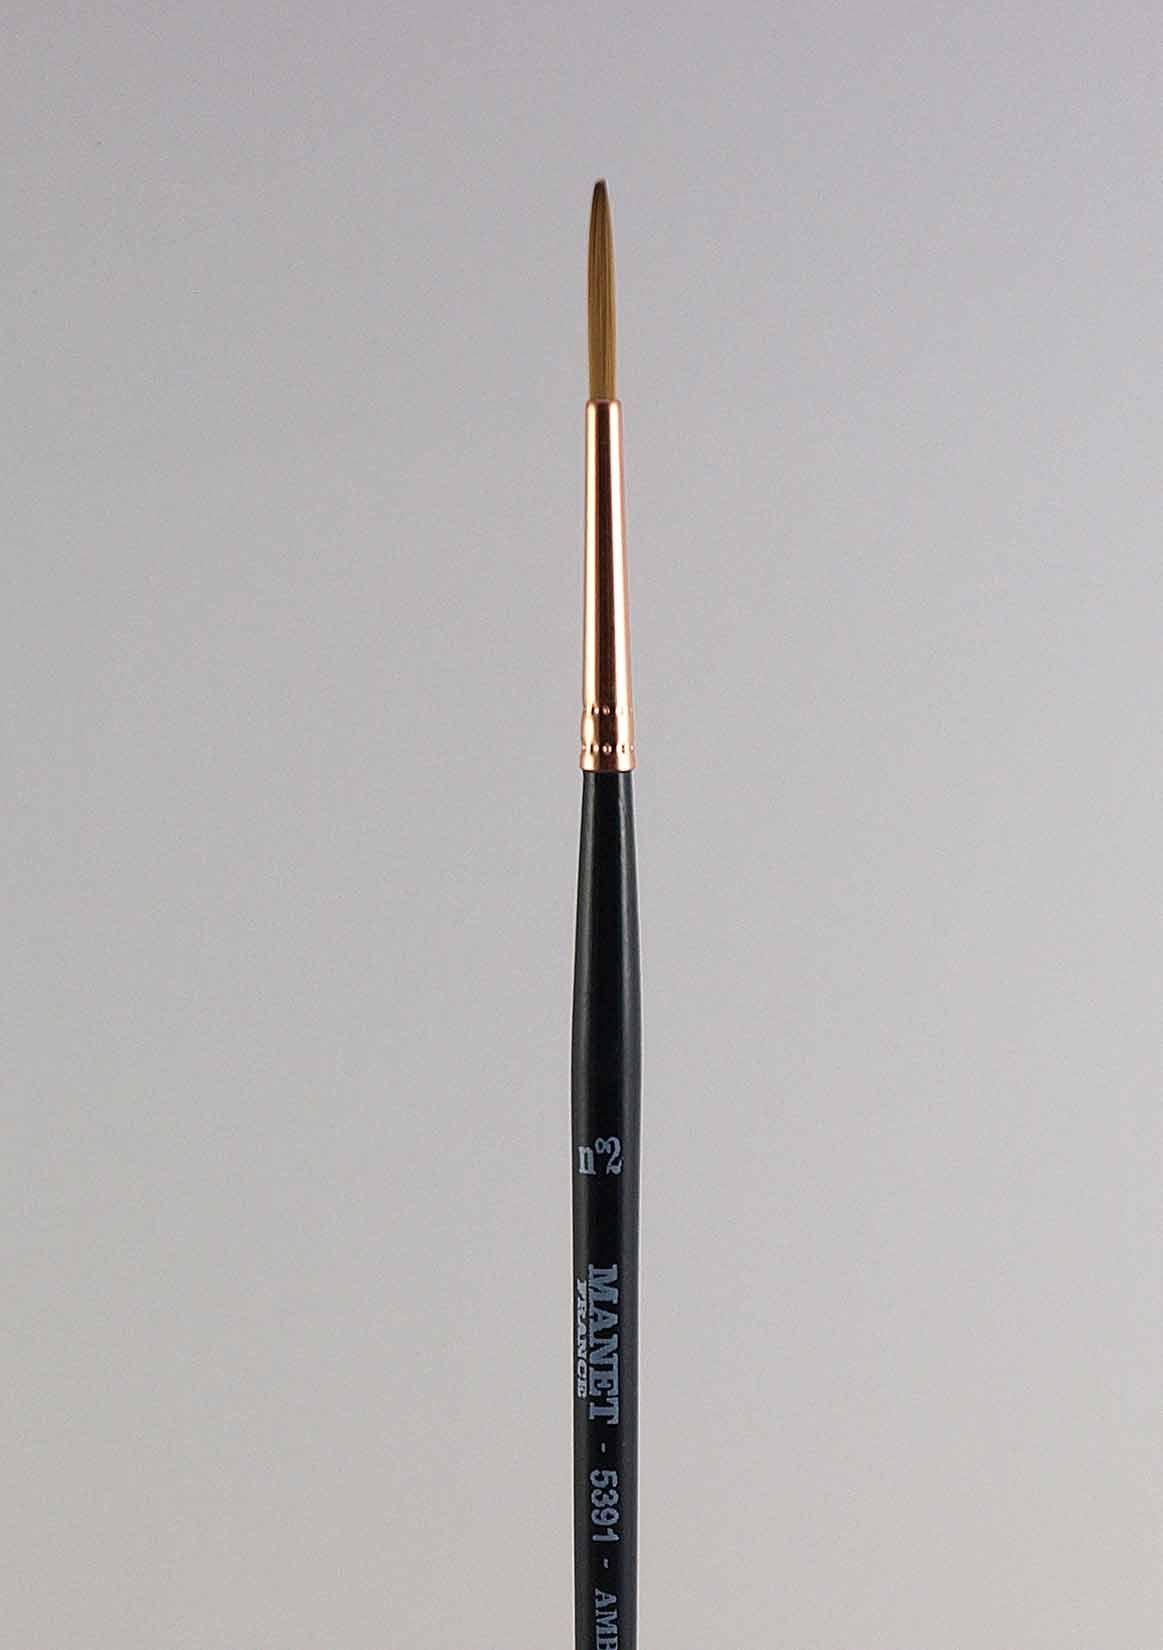 Pinceau rond ligneur -  manche court - imitation martre - Manet Ambre 5391